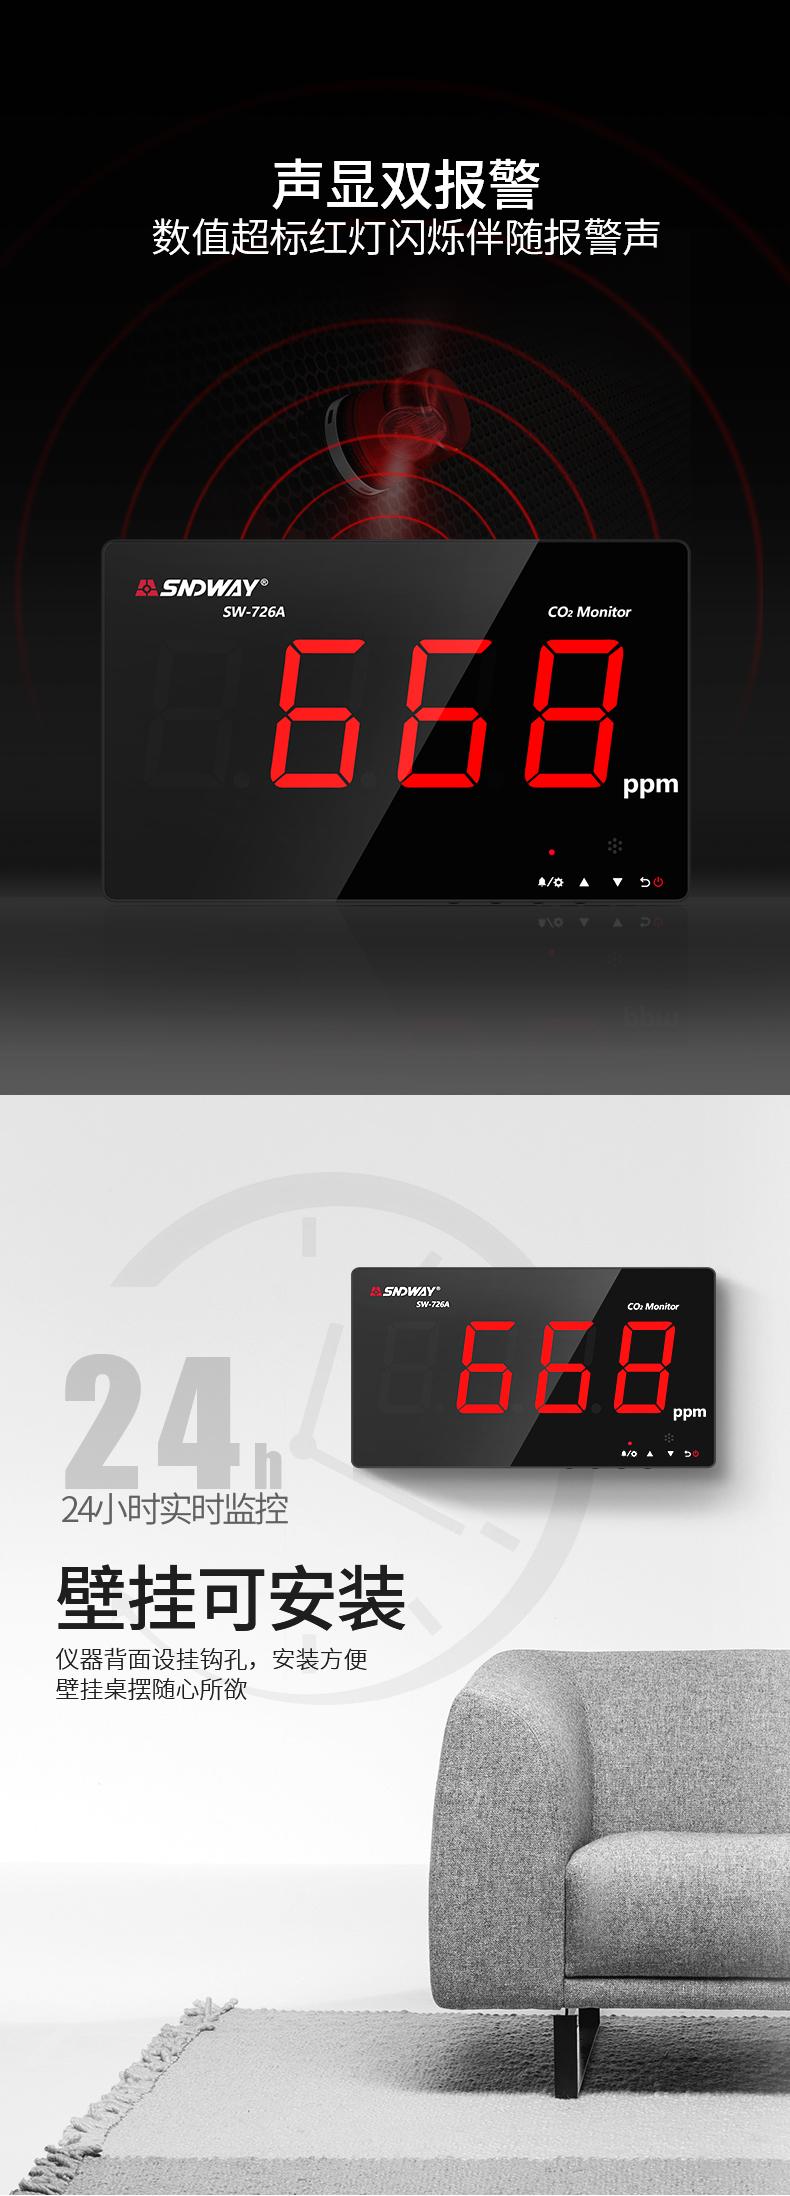 深达威二氧化碳检测仪浓度环境监测仪壁挂家用数显co2气体报警器-tmall_05